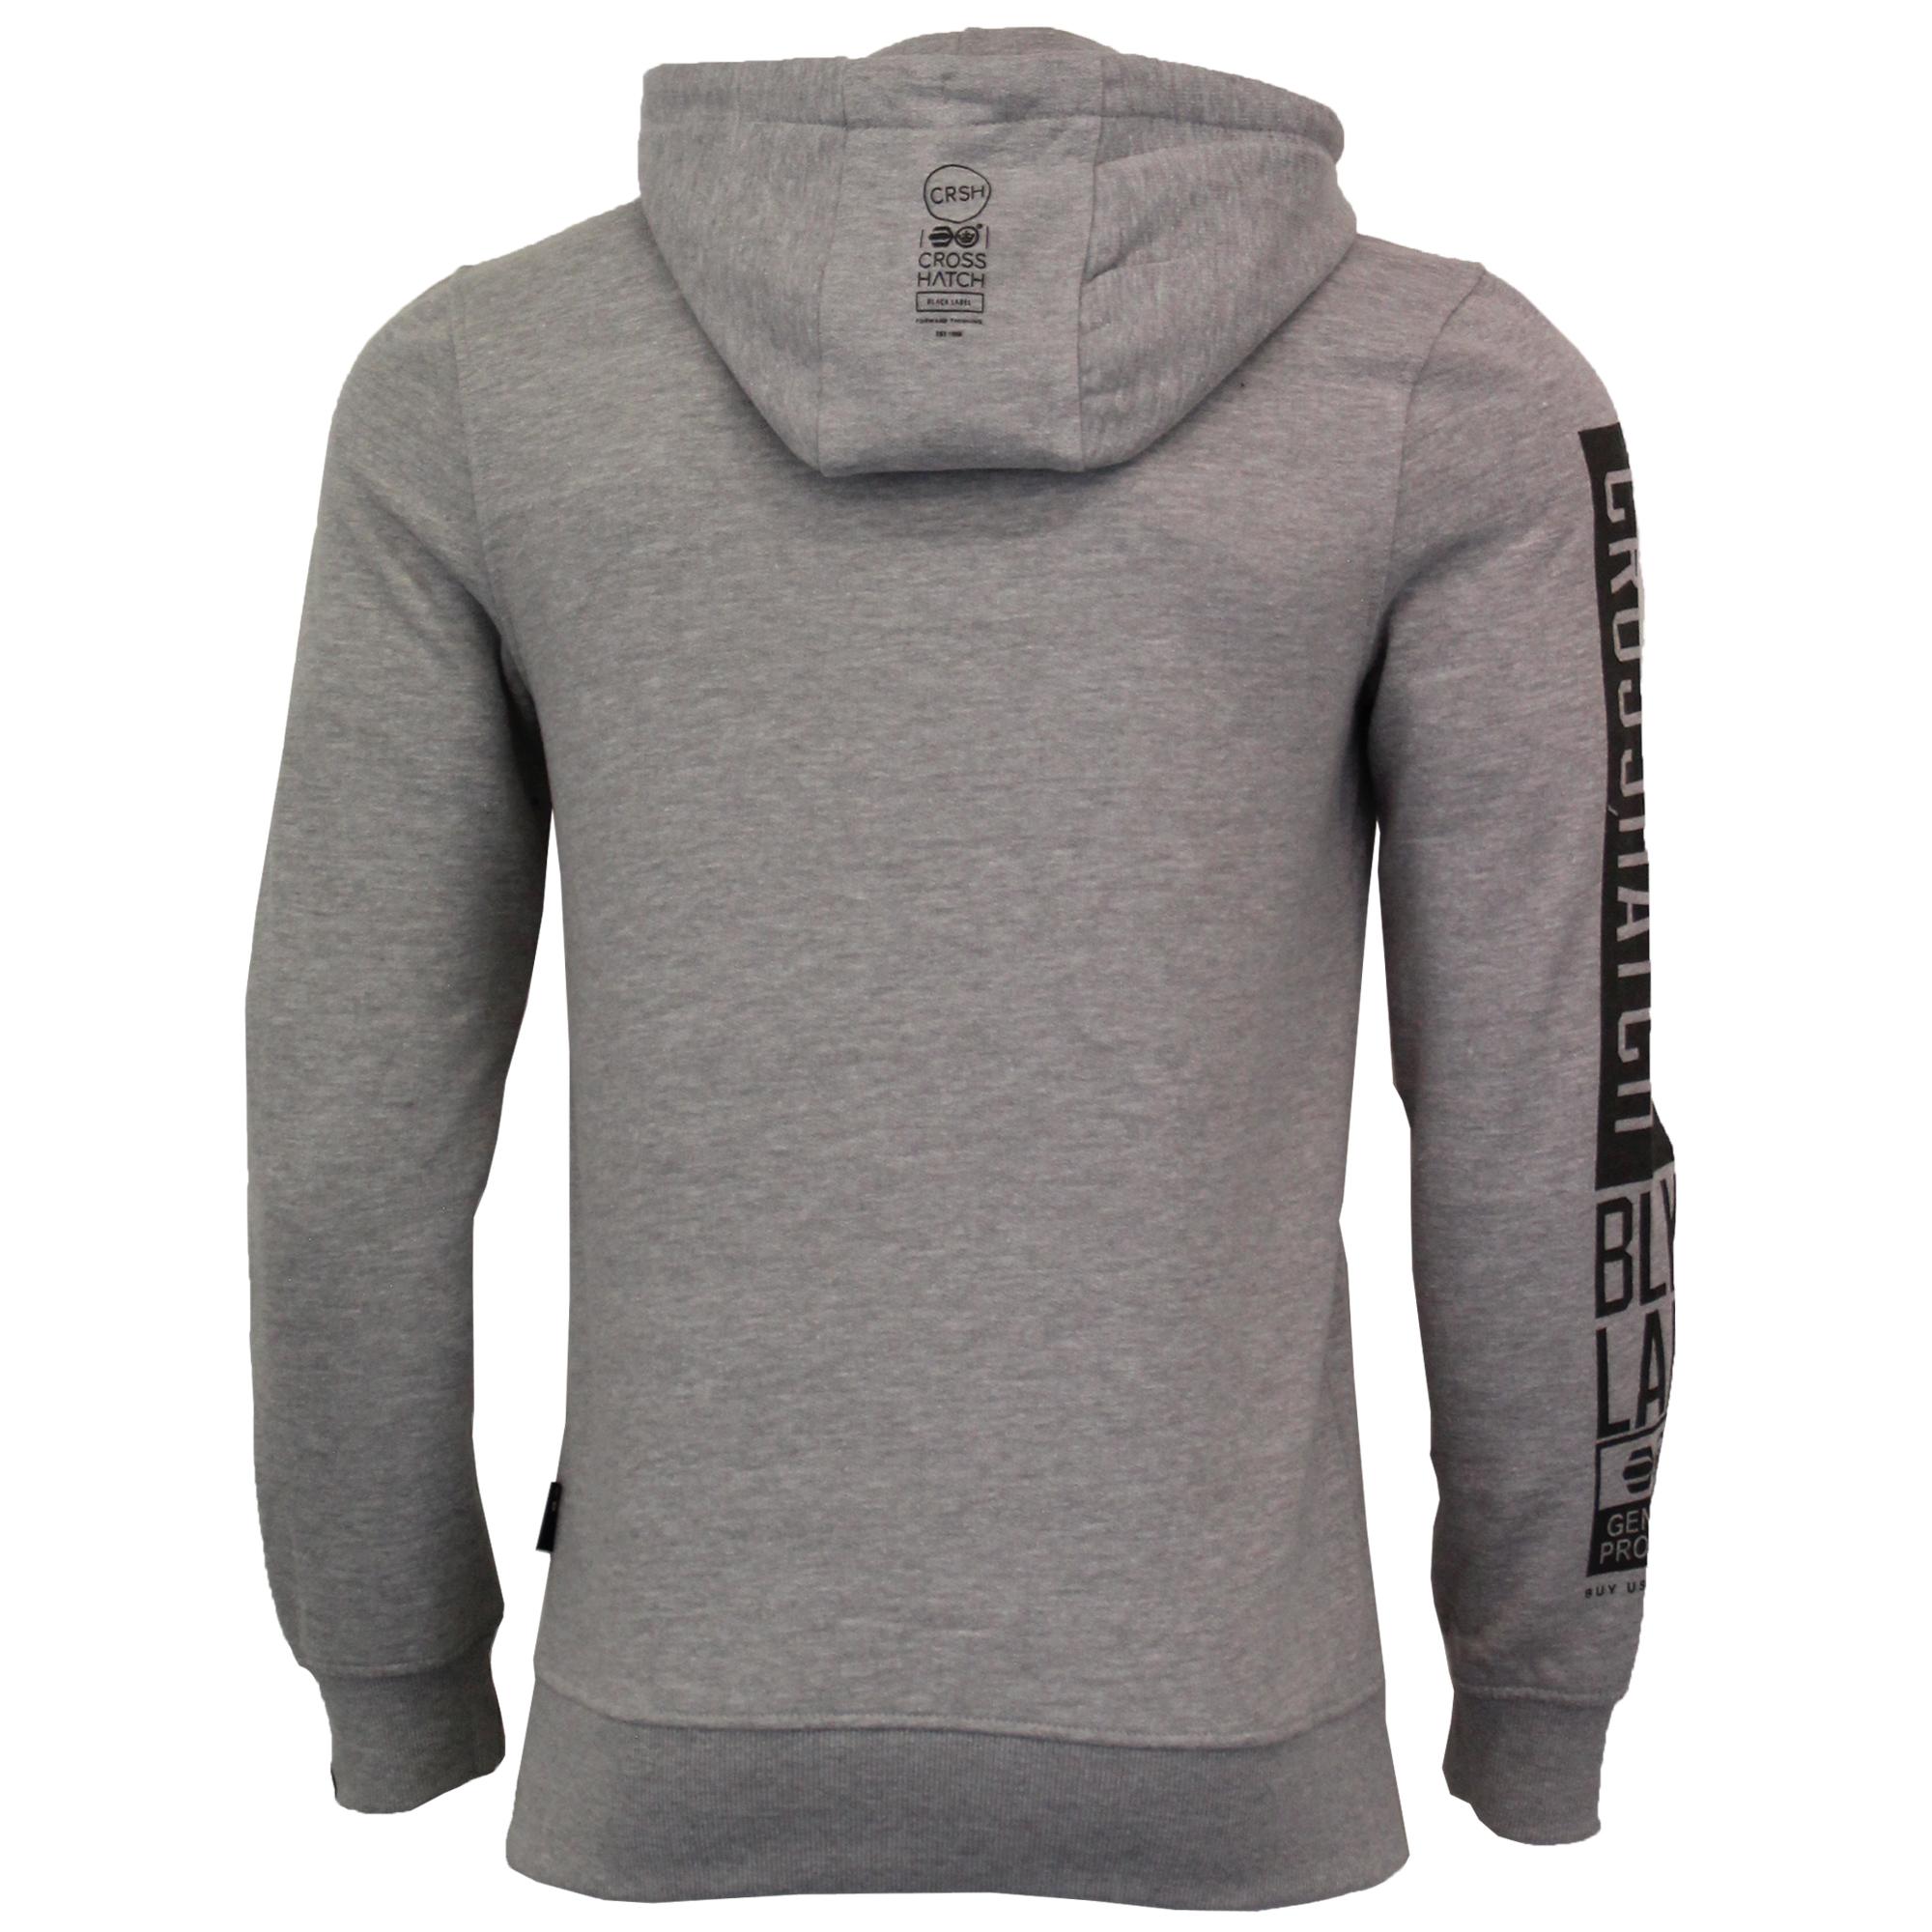 Mens-Sweatshirt-Crosshatch-Over-The-Head-Hoodie-Printed-Zip-Pullover-Top-Fleece thumbnail 12